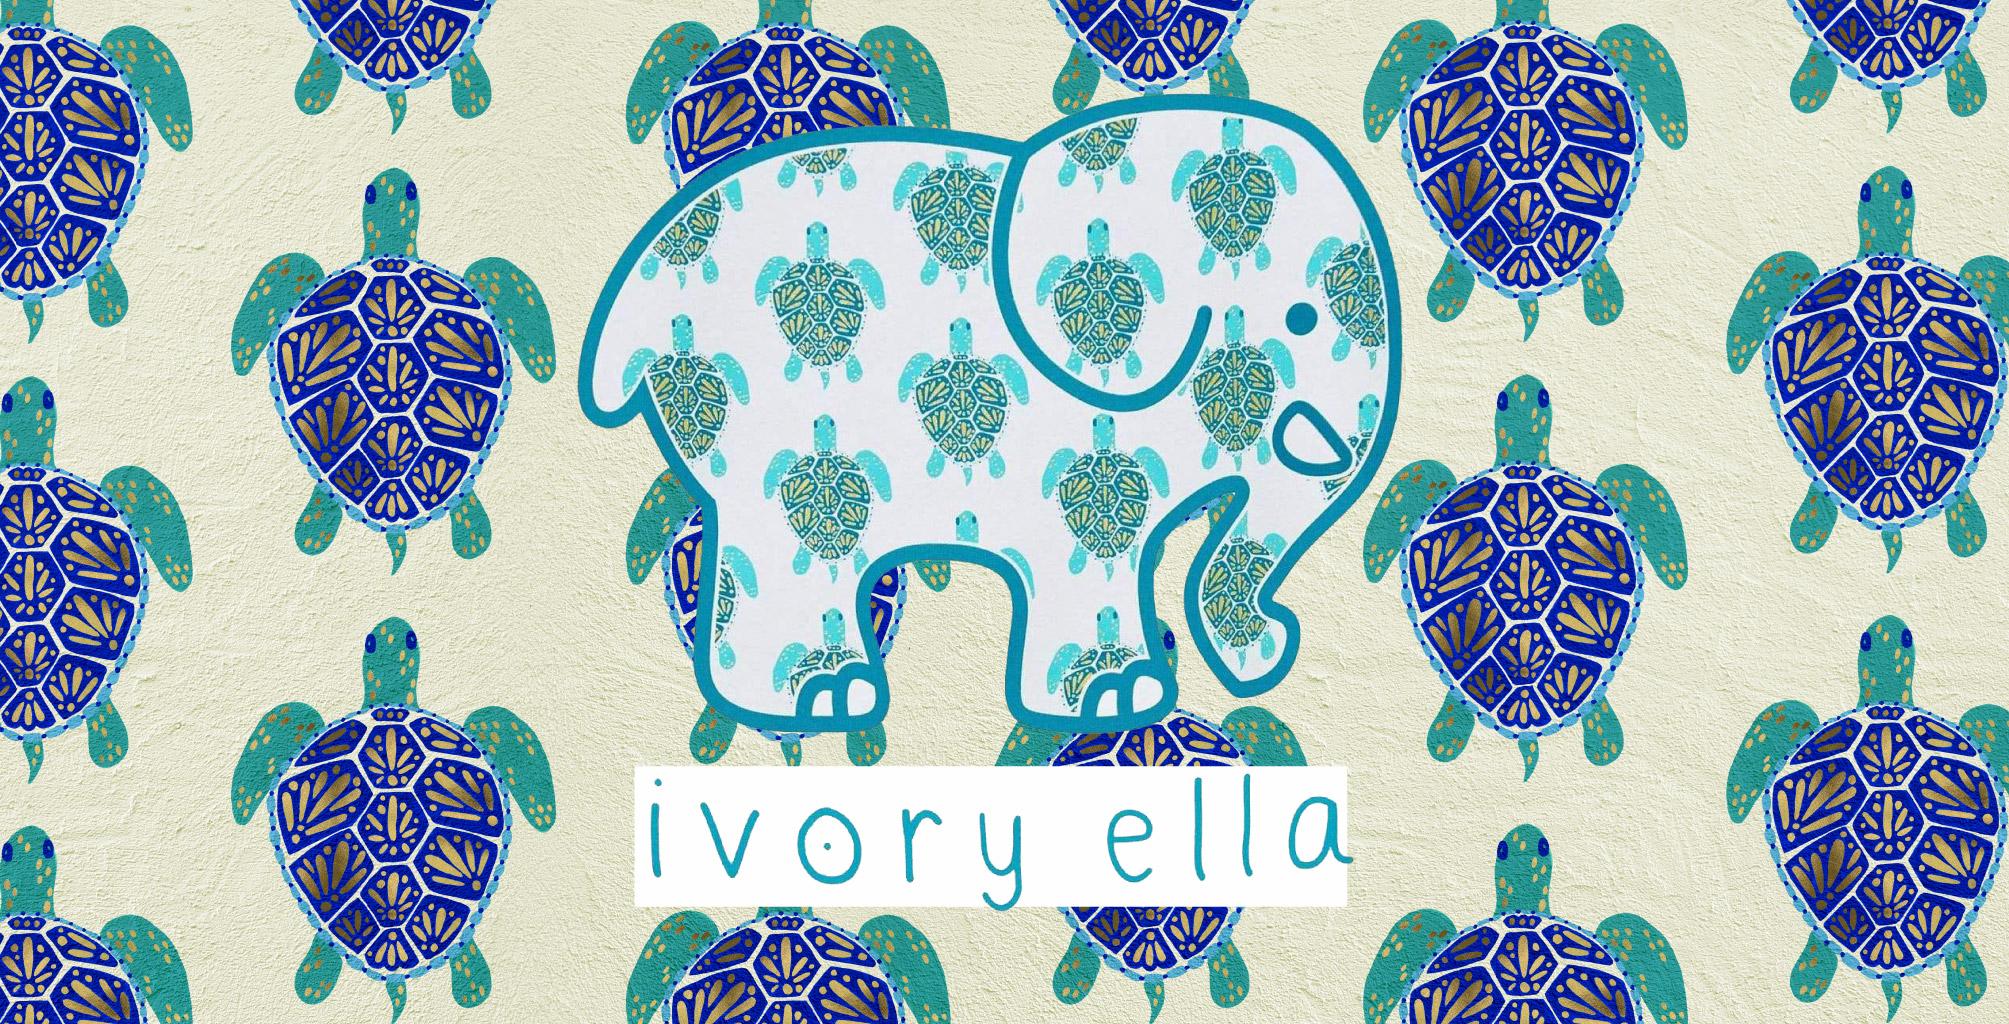 IvoryElla-Turtle.jpg